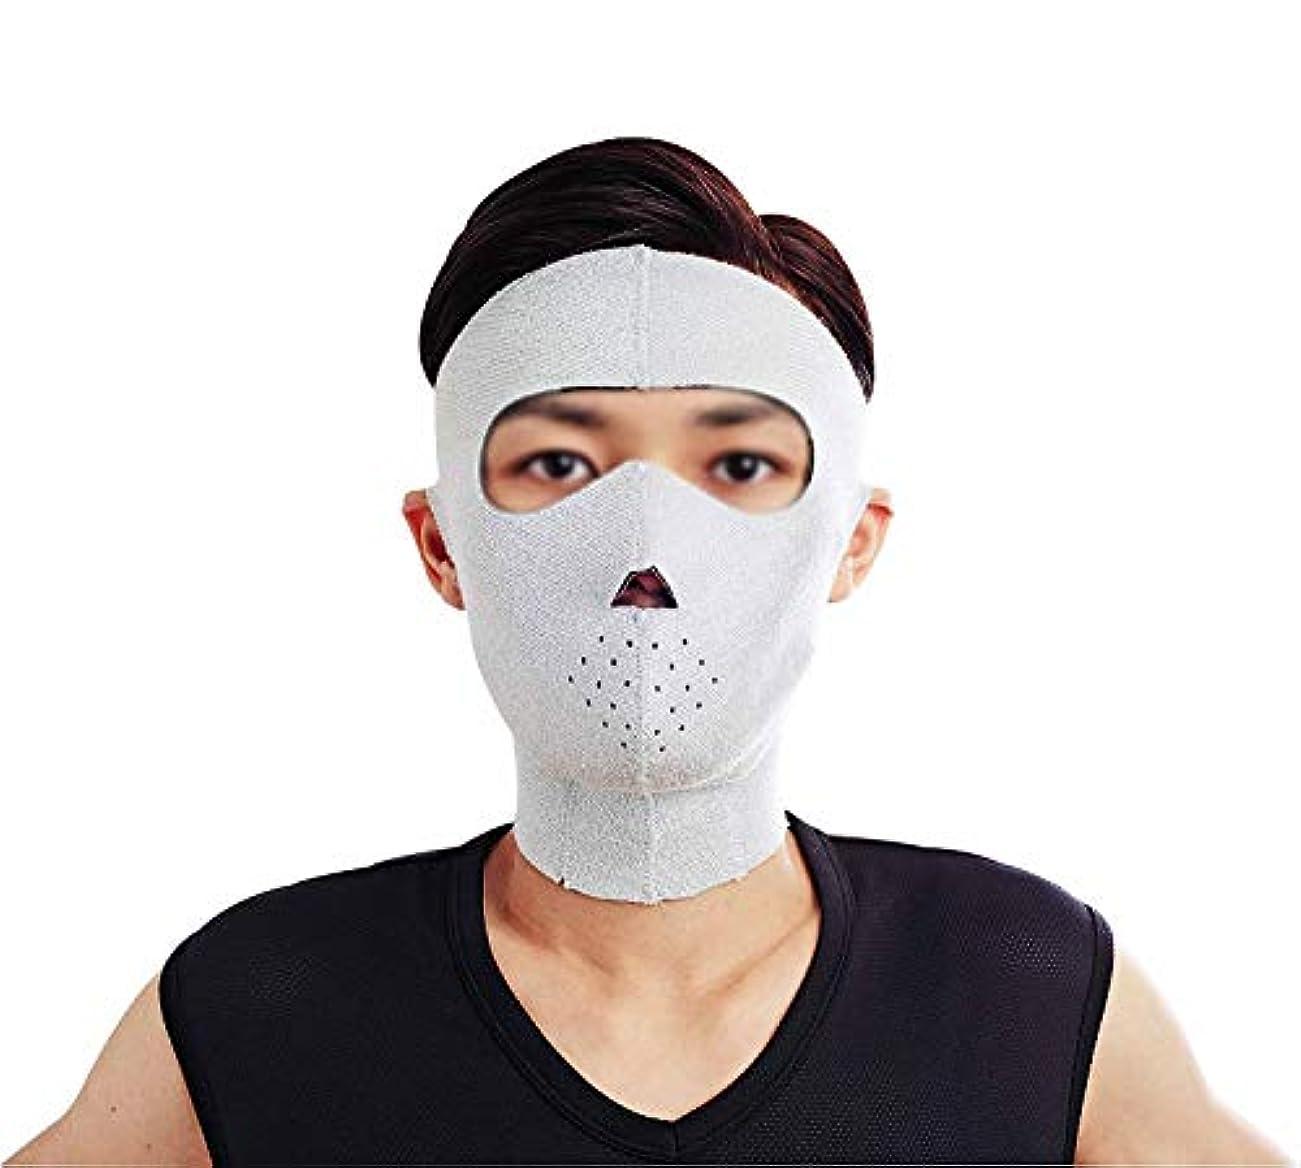 ひらめき賄賂寛解GLJJQMY 薄い顔のマスクのマスクと男性のネックバンドとの垂れ下がり防止の薄い顔のマスクの薄い顔のマスクのアーチファクトの美しさを引き締め 顔用整形マスク